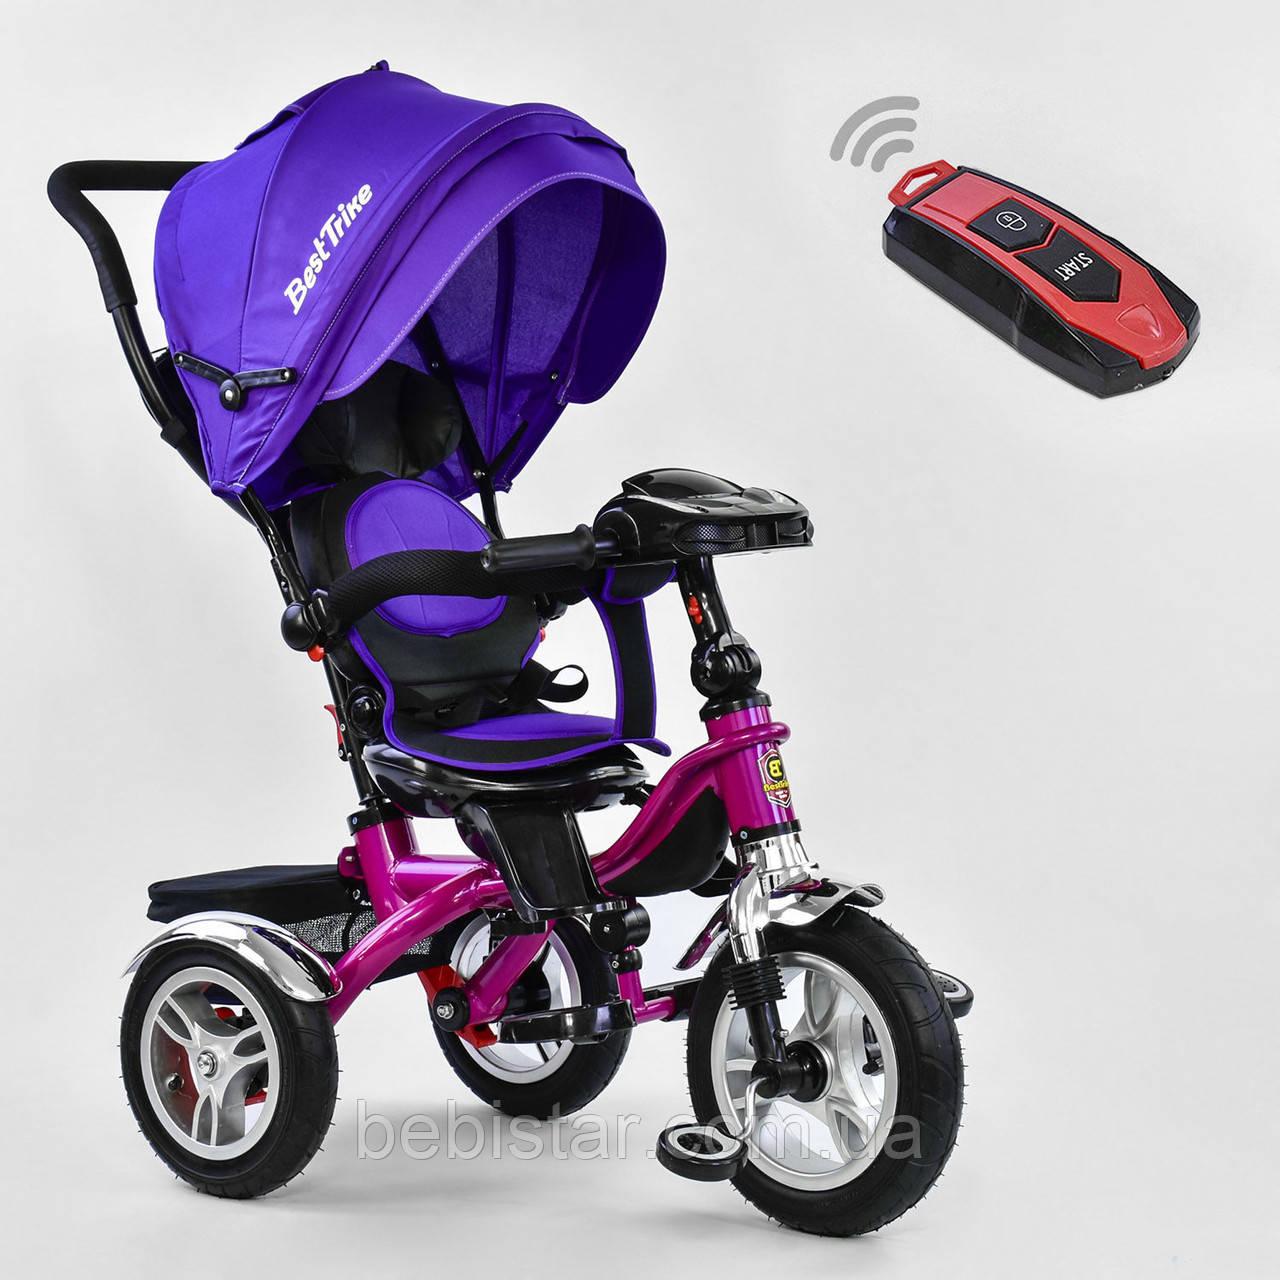 Трехколесный велосипед фиолетовый Best Trikeмодели5890 пульт надувные колеса поворотное сидение музыка свет